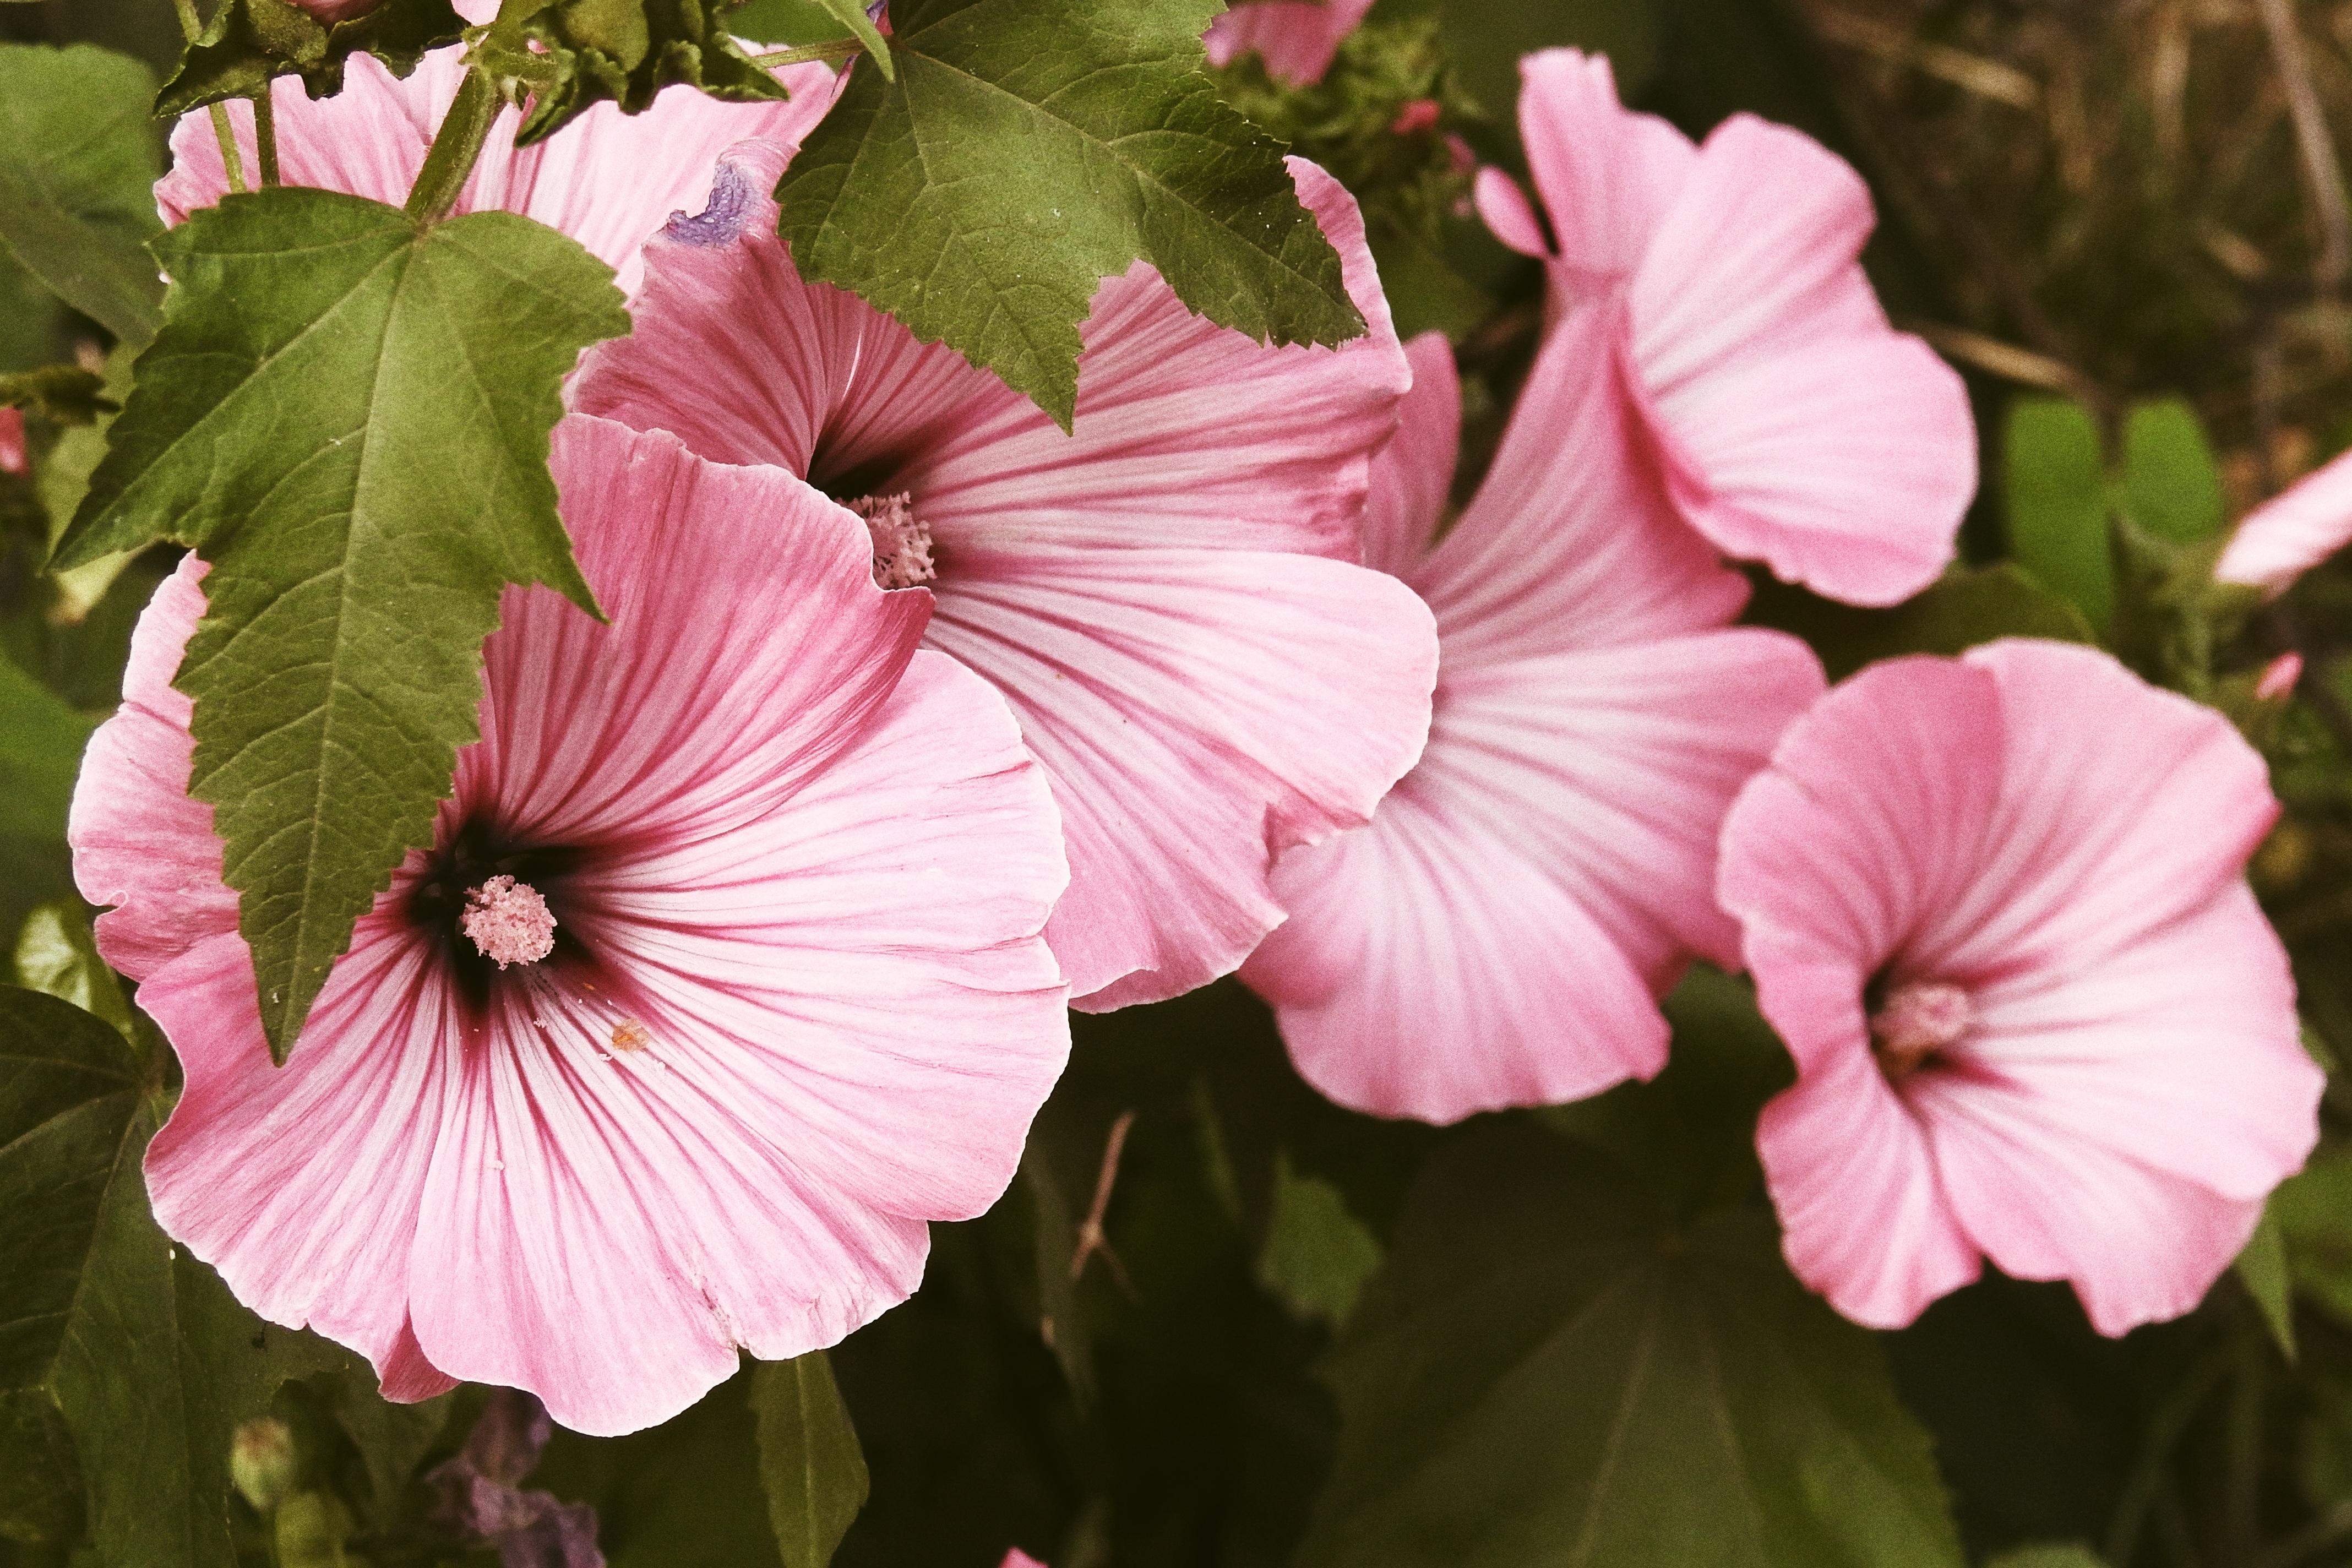 images gratuites : pétale, botanique, jardin, flore, malva